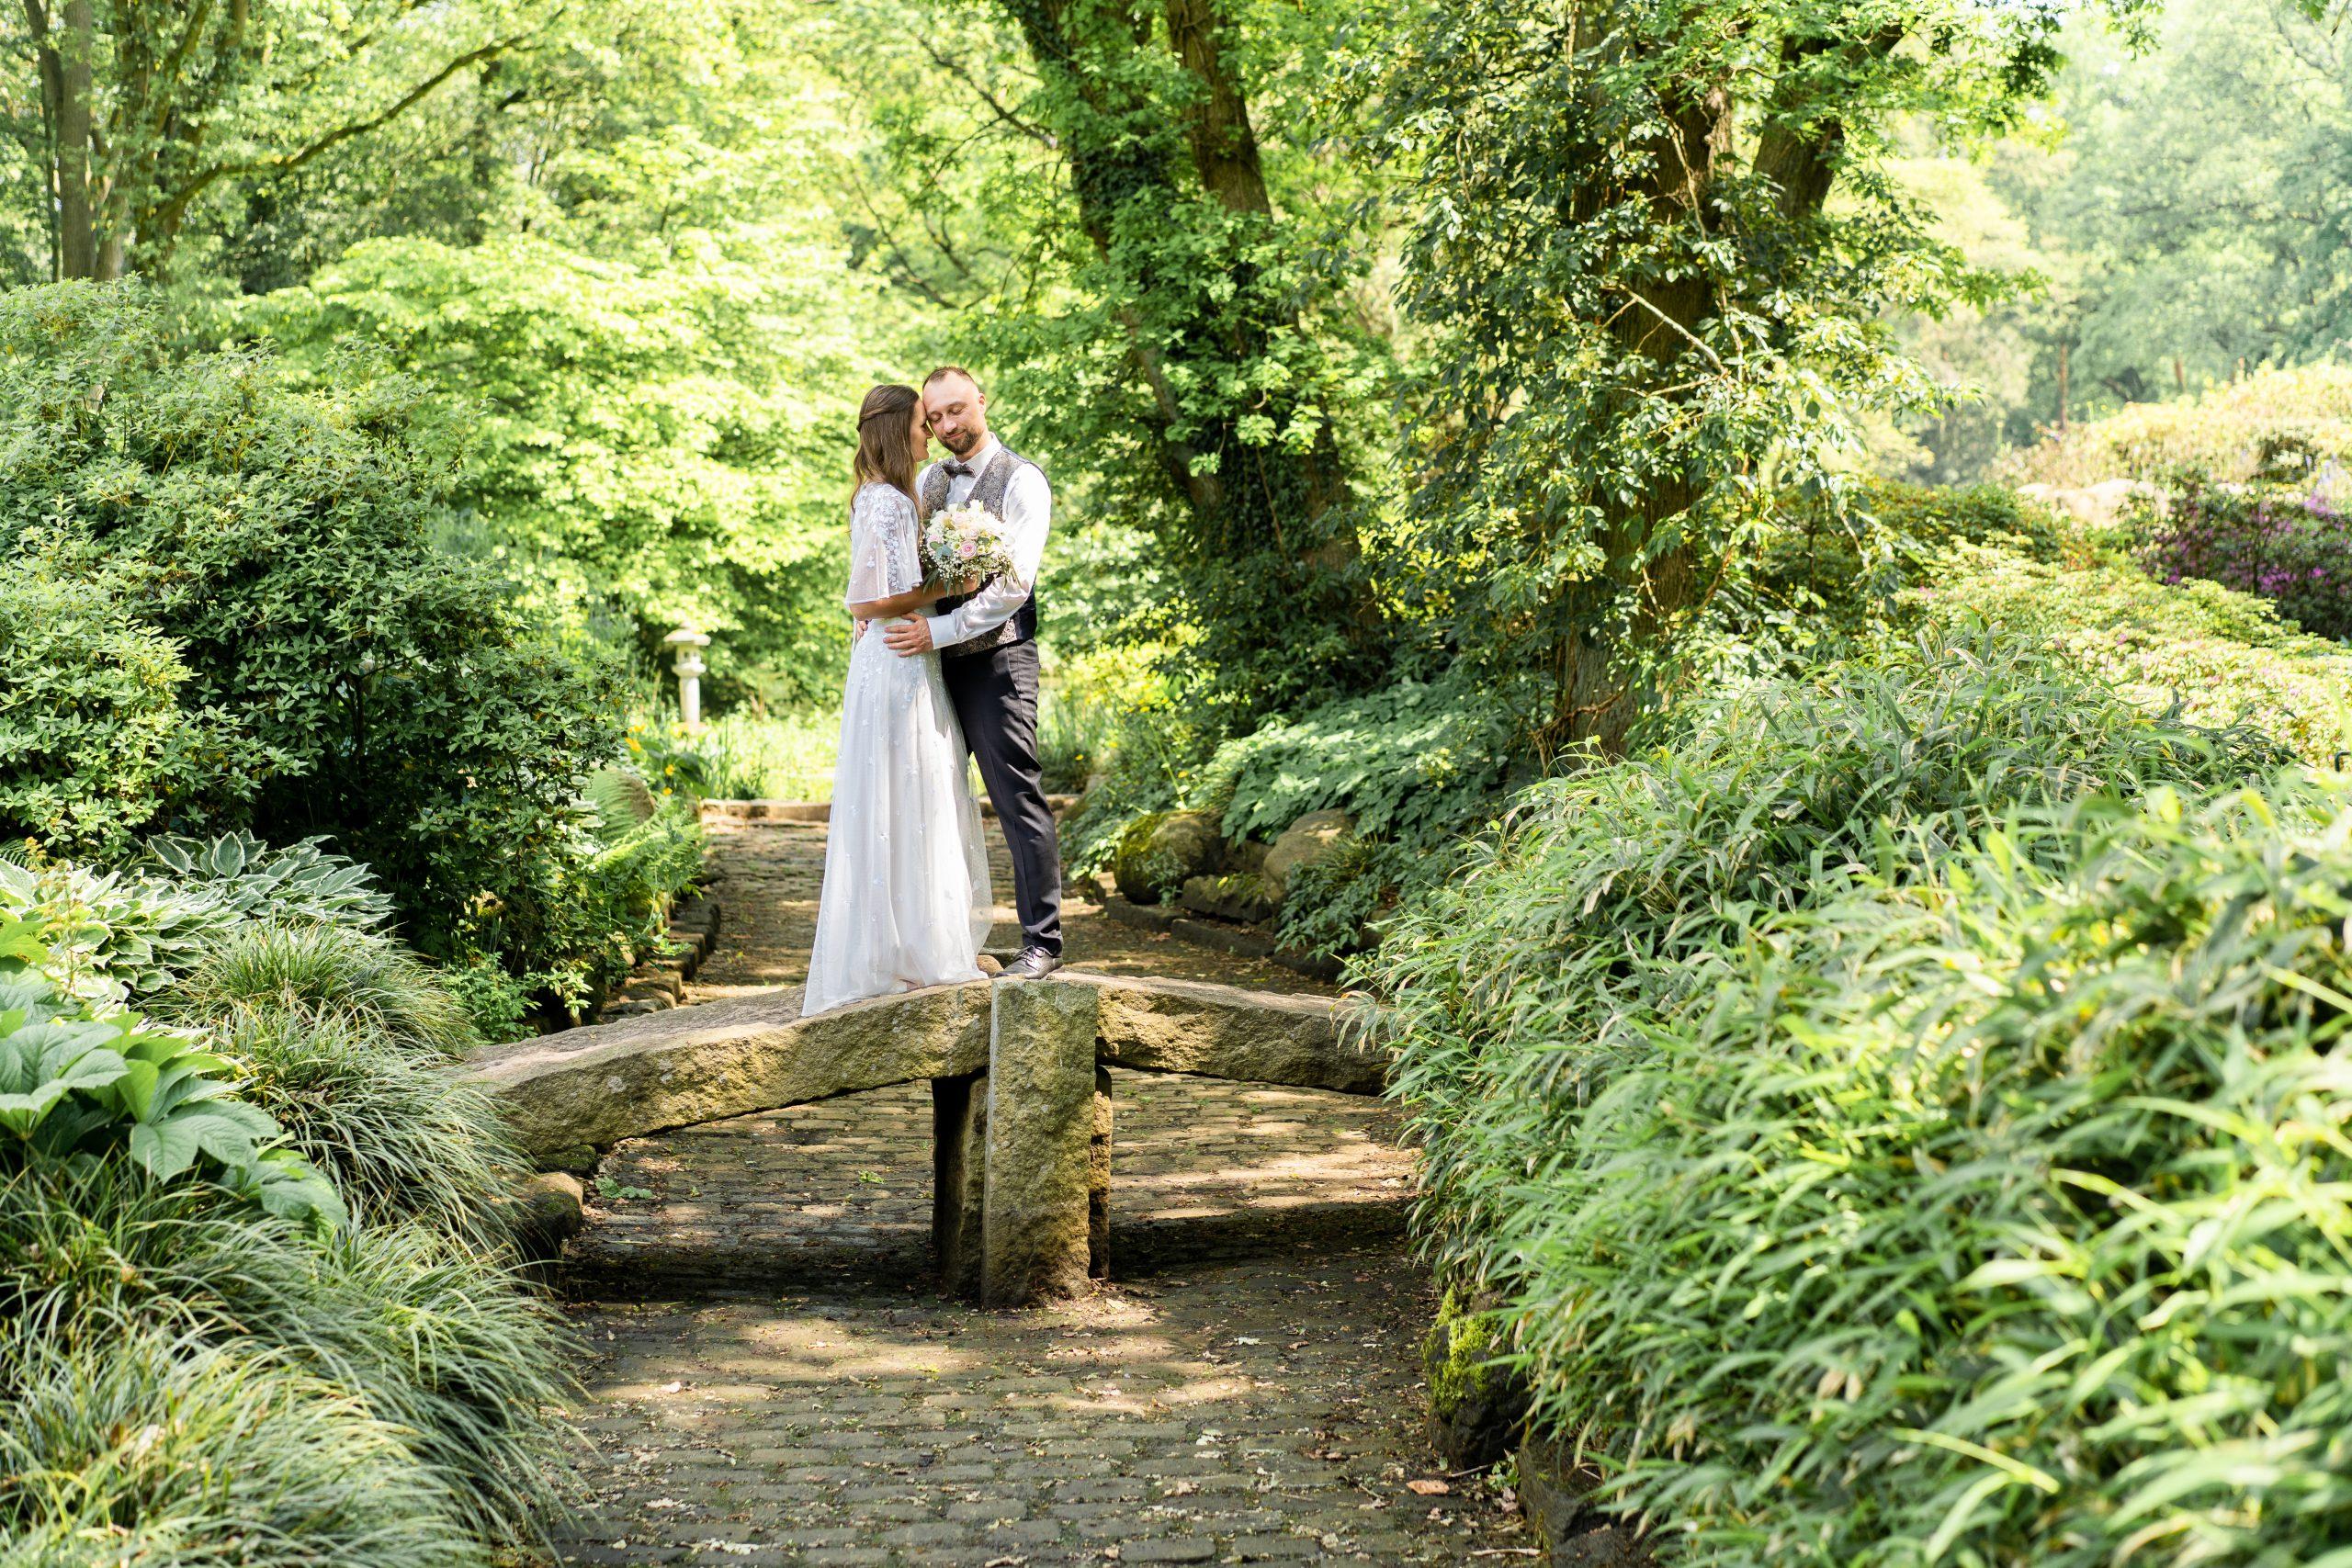 Hochzeitspärchen Parkshooting Naturhochzeit Naturpärchen Hochzeitsfotografie Fotografie Bremen Braut